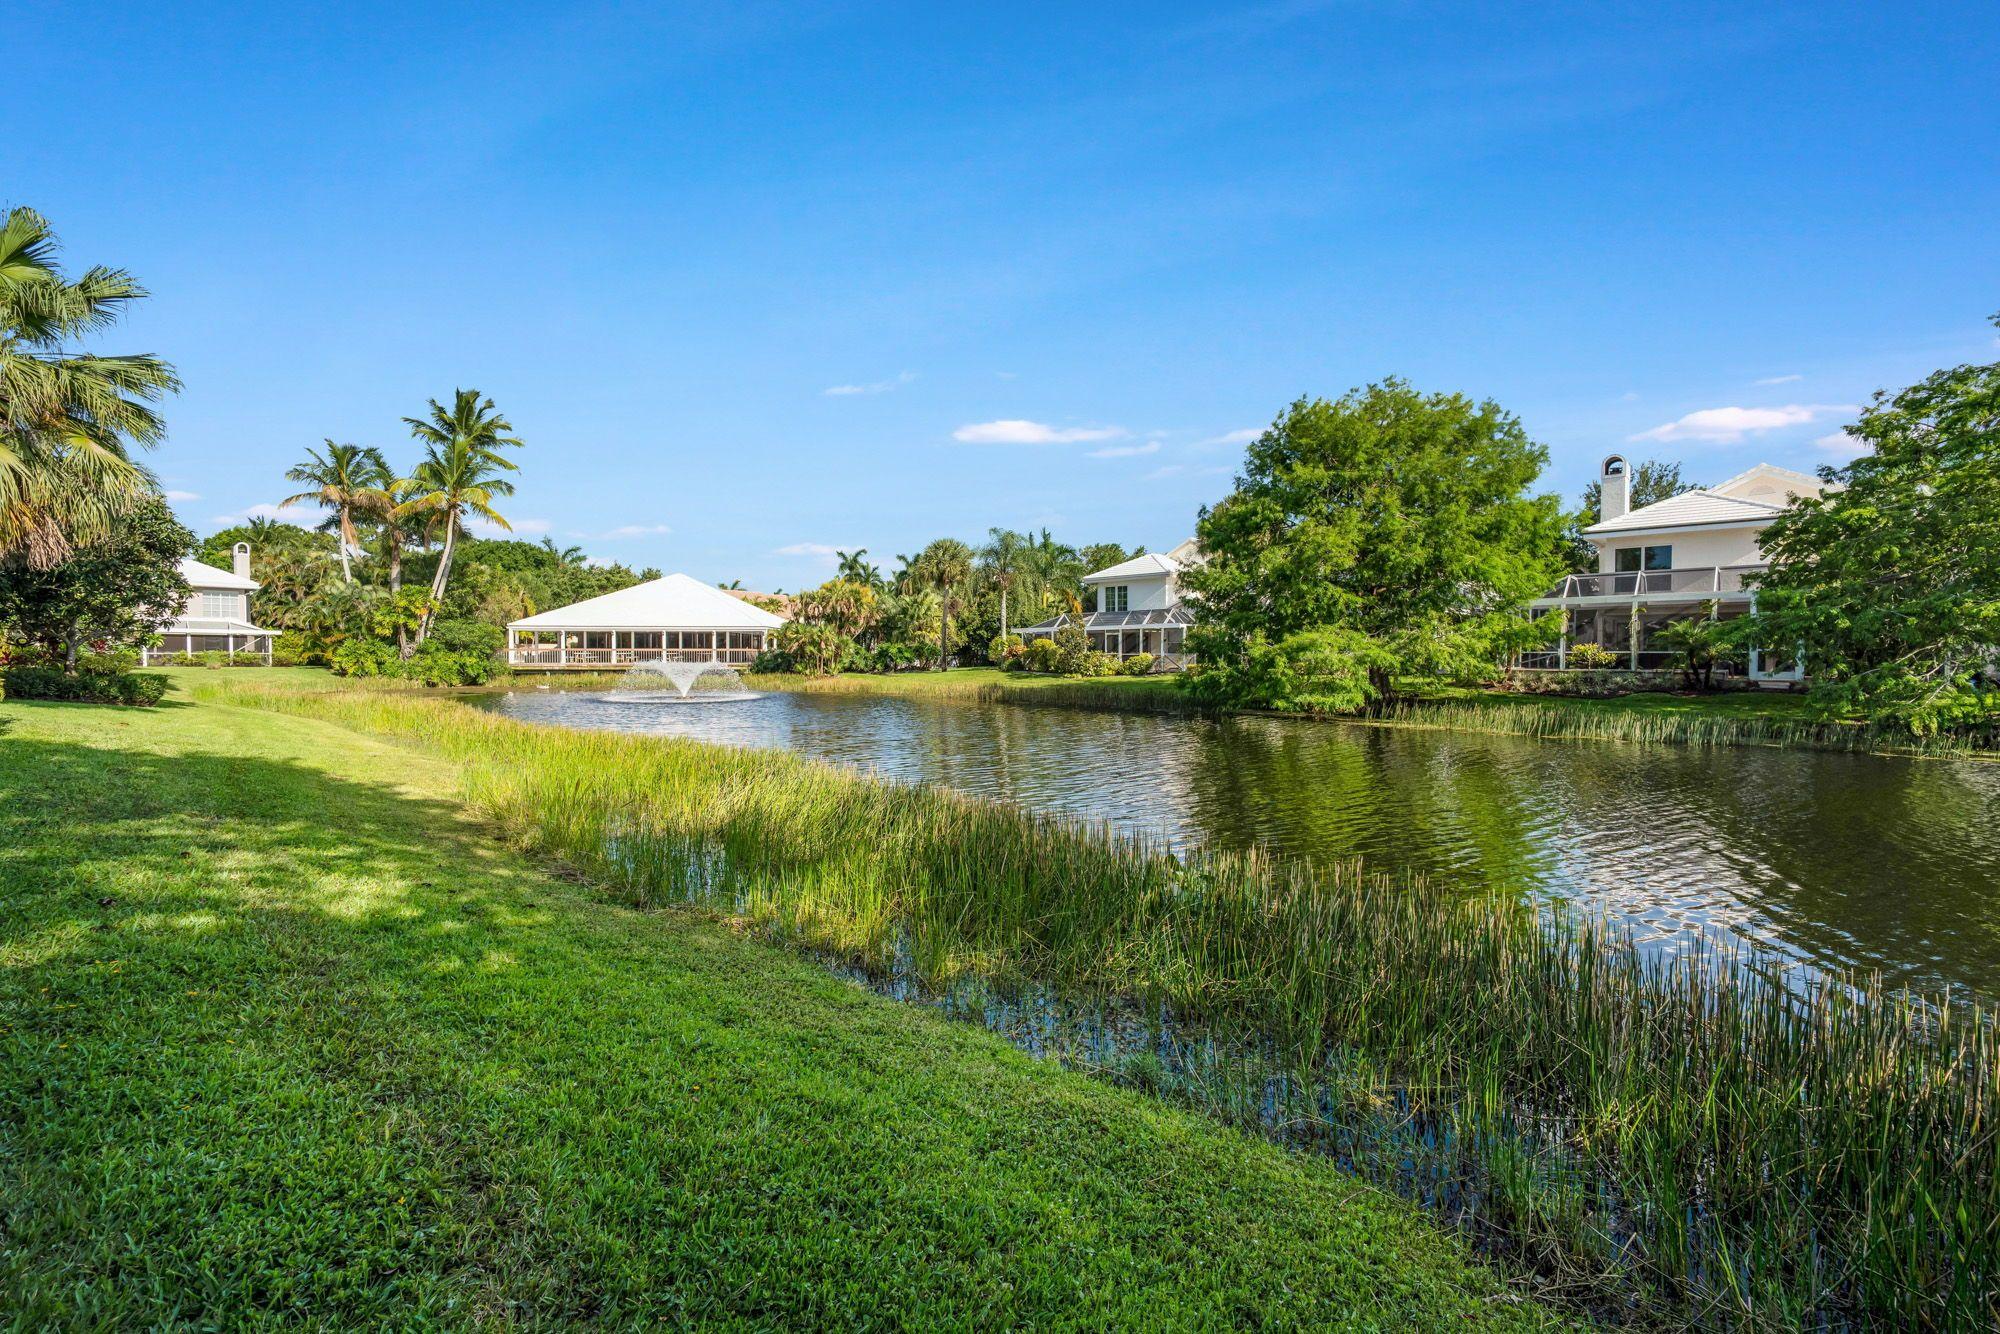 798467ddedf5df8b0d4351f0bef1a490 - North County Cooling Palm Beach Gardens